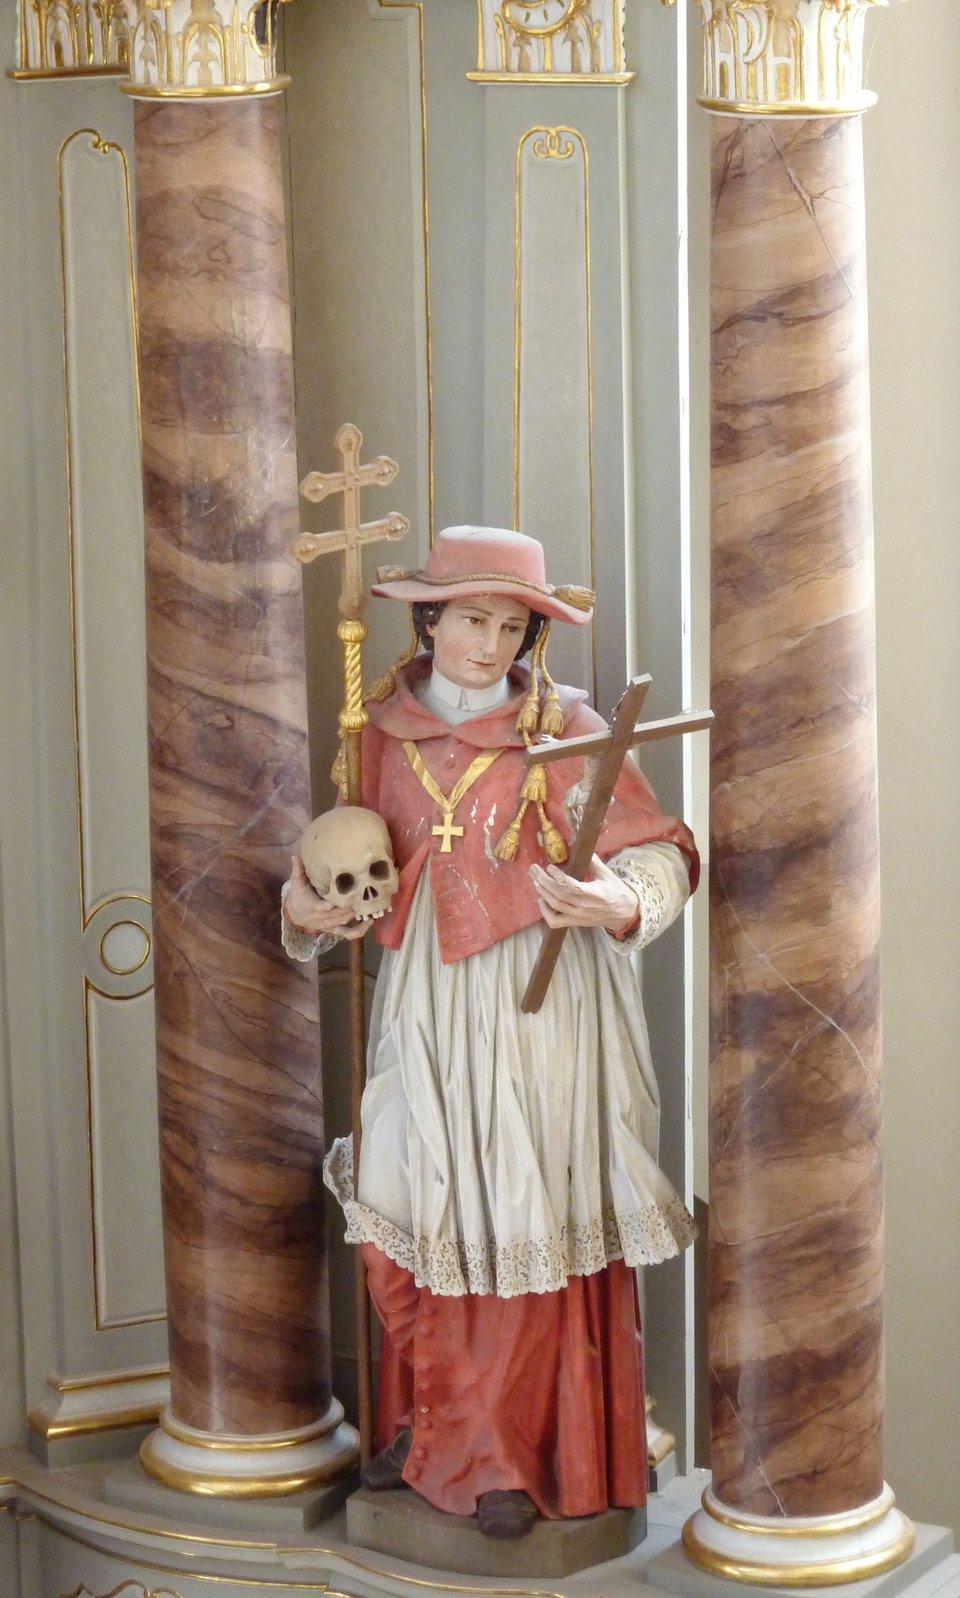 Rzeźba św. Karola Boromeusza wstroju kardynalskim Figurazdawnego klasztoru cystersów wWehlen wNadrenii-Palatynacie. Święty pokazany został wstroju kardynalskim. Godność tę otrzymał od swojego wuja papieża Piusa IV. Źródło: GFreihalter, Rzeźba św. Karola Boromeusza wstroju kardynalskim, 2012, fotografia, licencja: CC BY-SA 3.0.